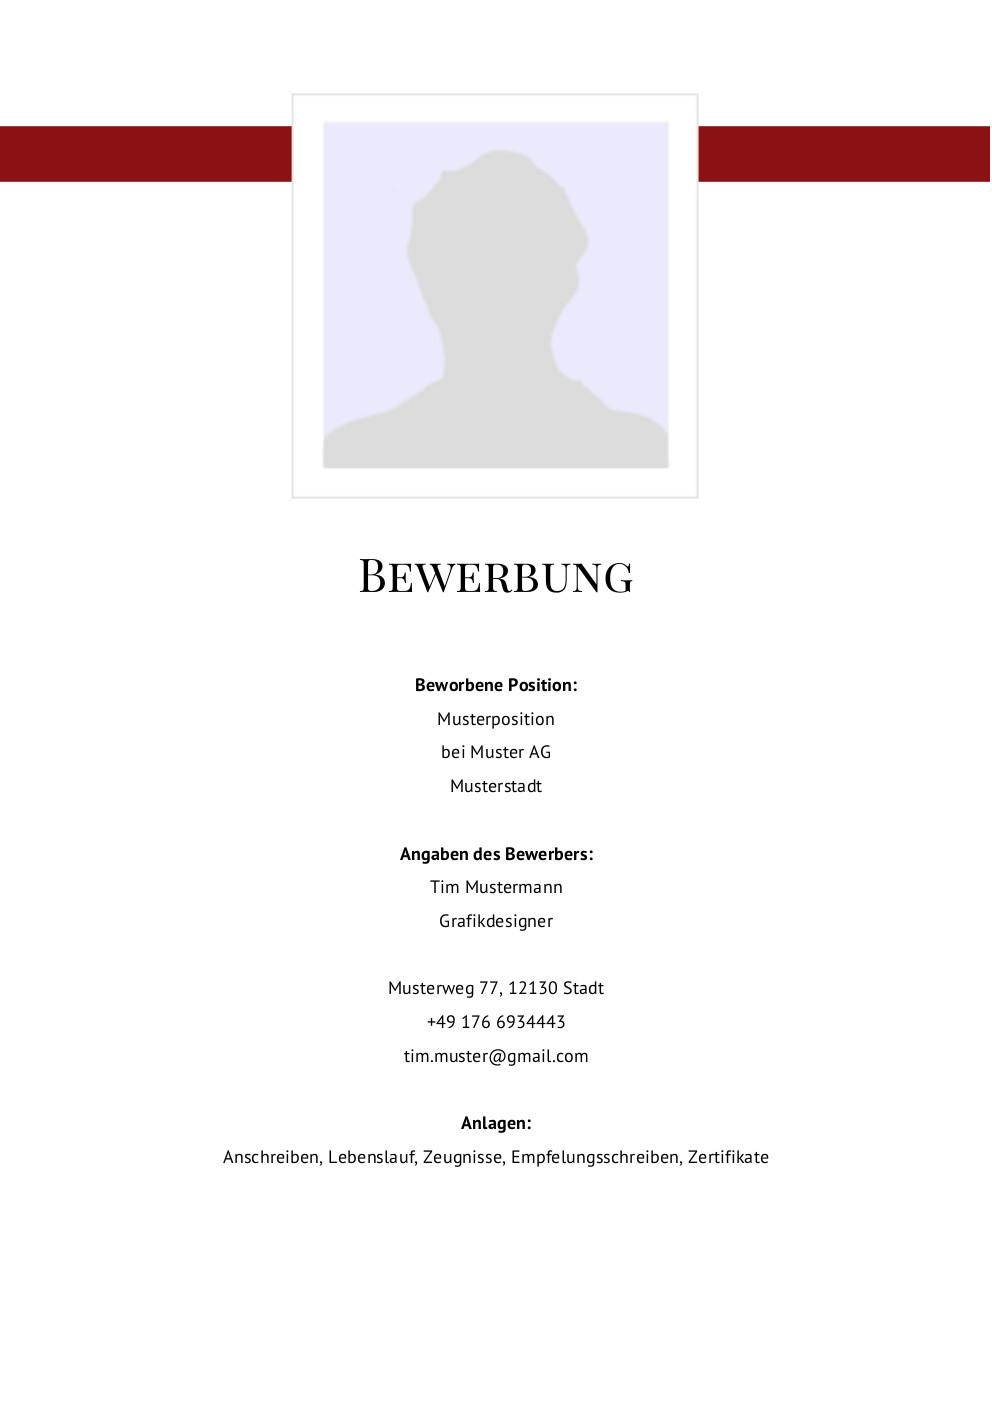 Deckblatt Bewerbung Viele Muster Vorlagen Für Die Bewerbung 2019